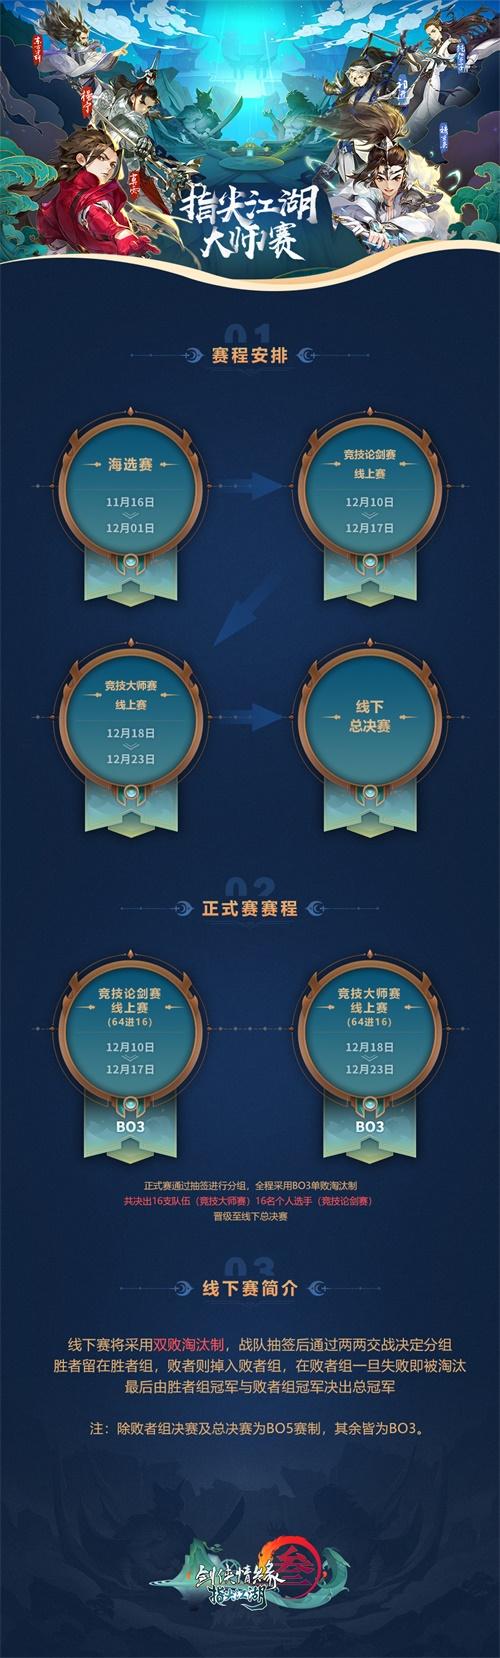 《剑网3:指尖江湖》2019大师赛海选火热开启中!0门槛赢万元奖金!